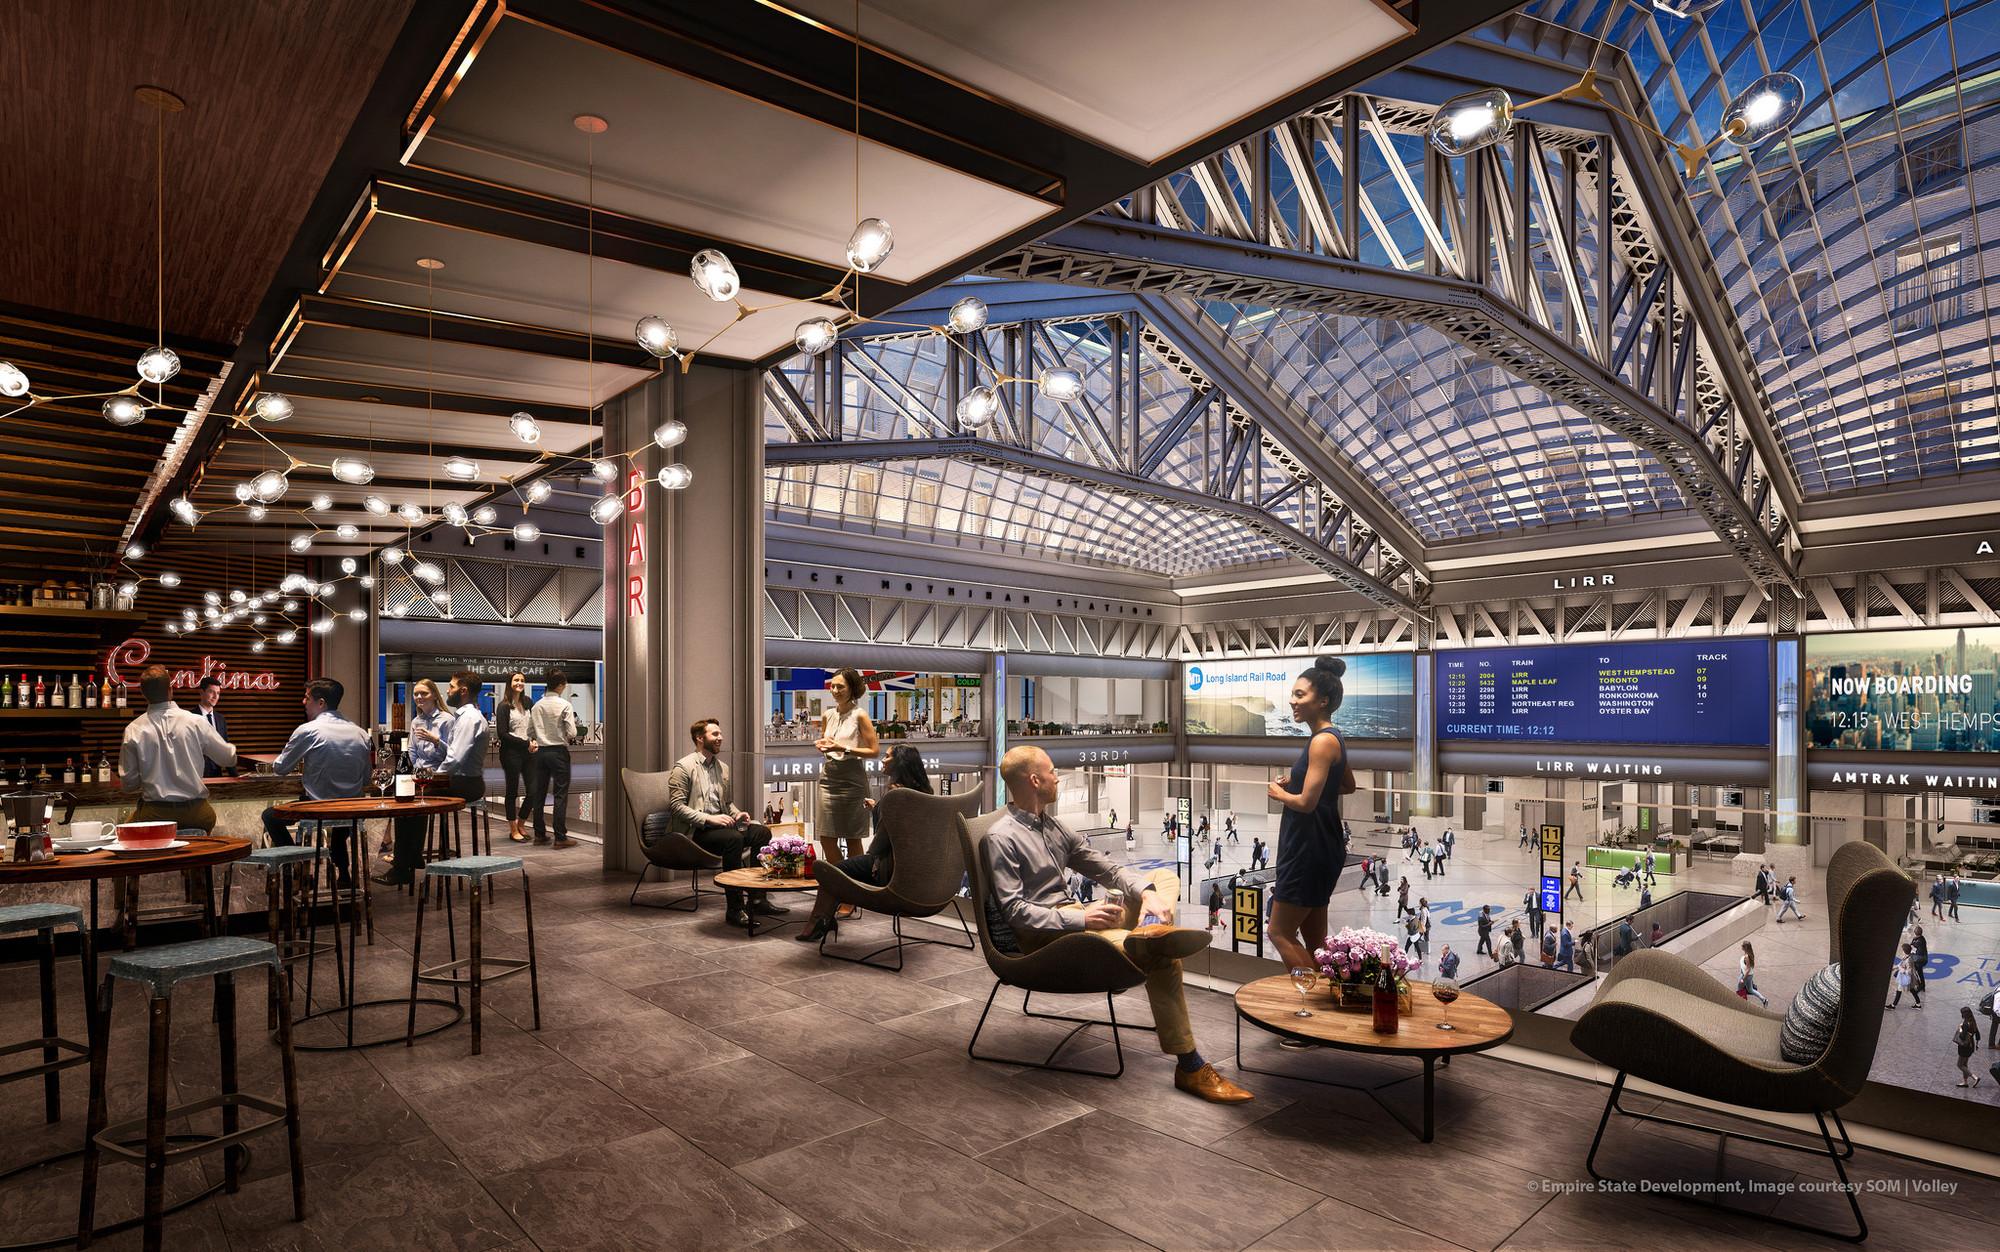 Площадь магазинов, расположенных натерритории нового вокзала, составит10,4тыс.кв.м. Площадь офисной части здания достигнет51,8тыс.кв. м